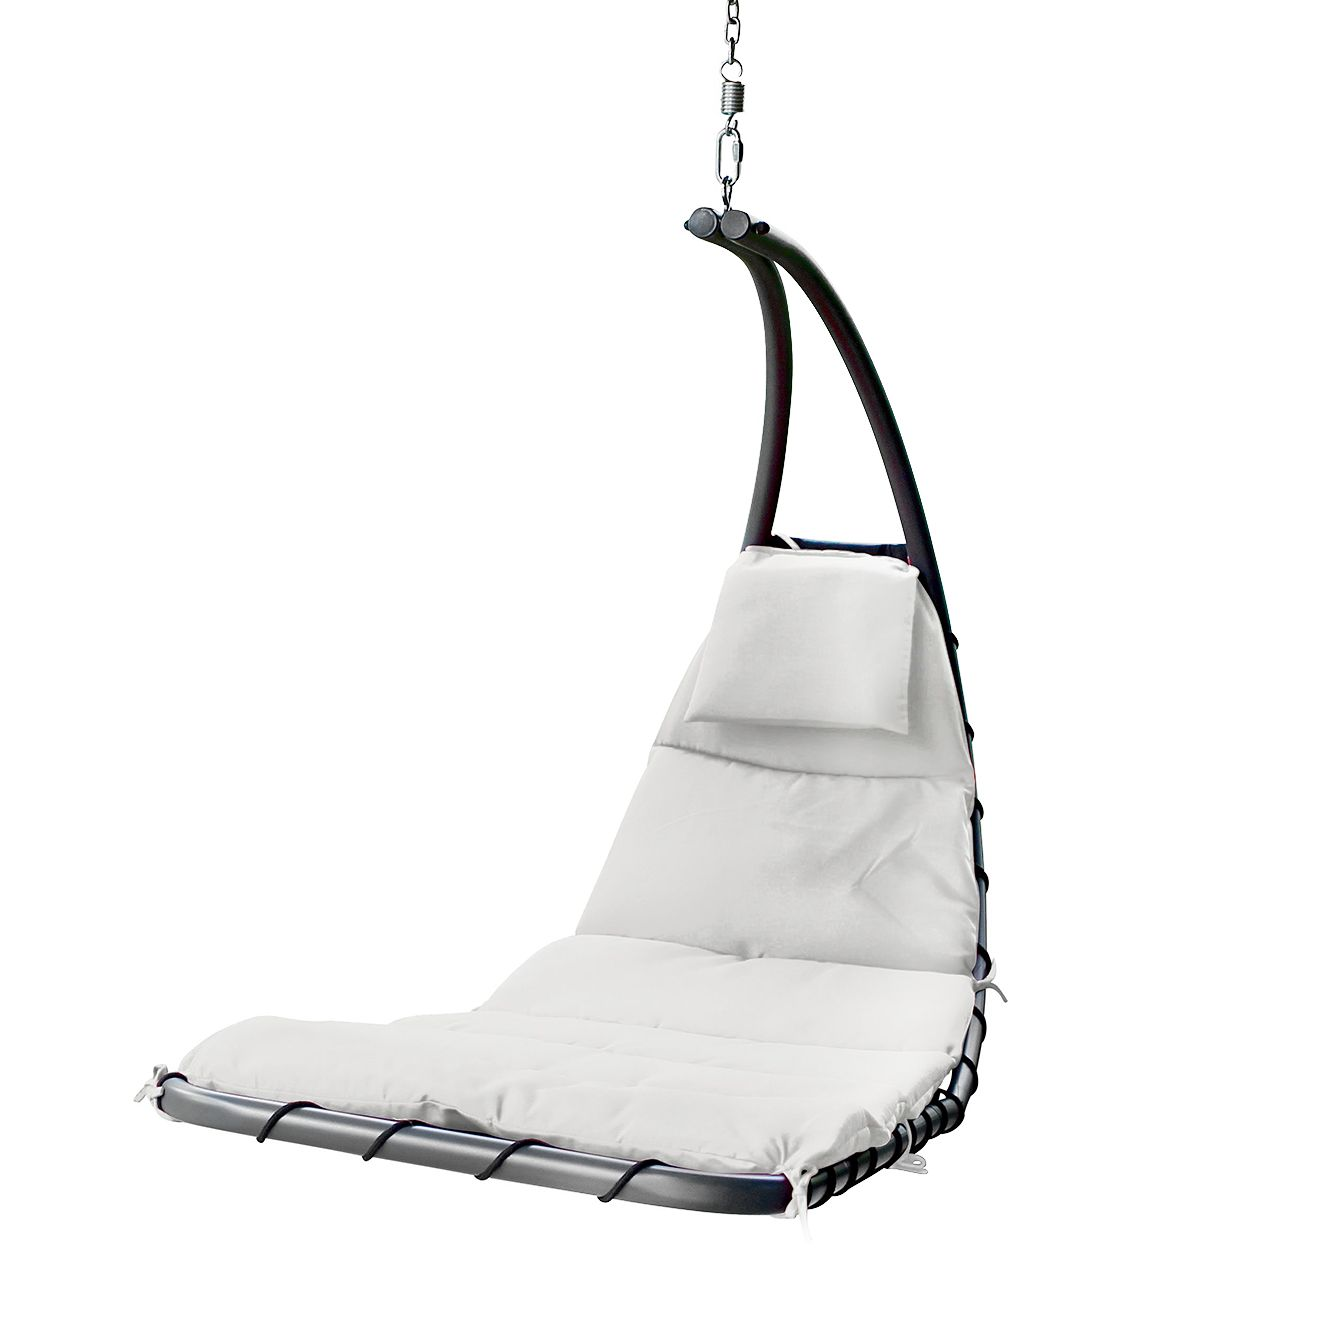 Hangstoel Dream - geweven stof/staal - Kiezelkleurig, Leco